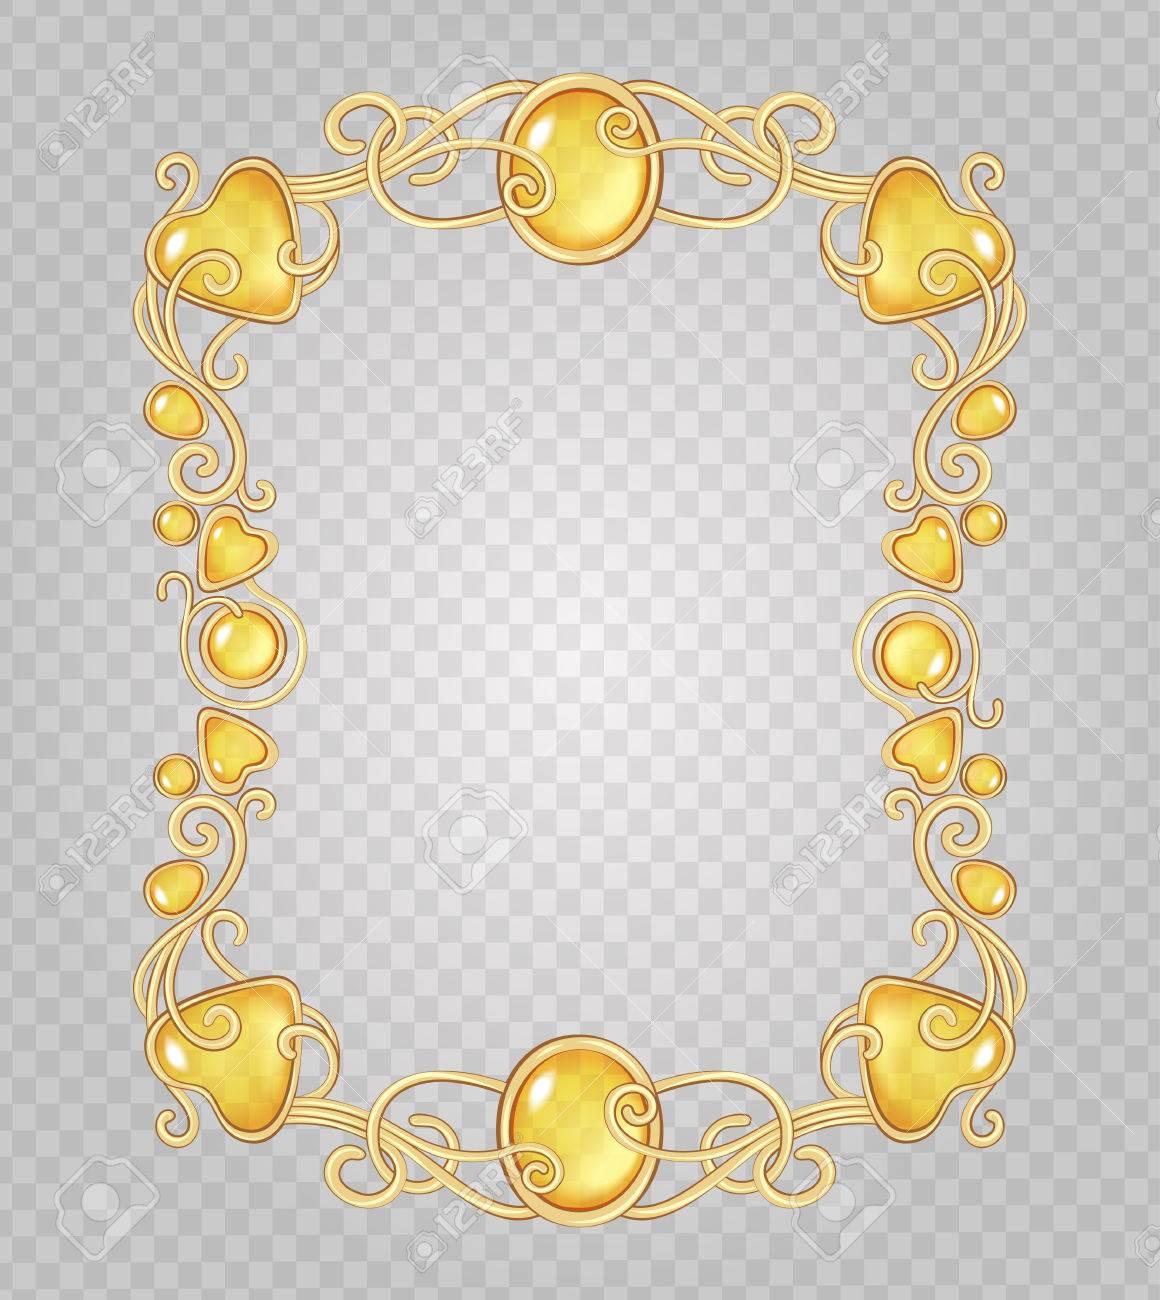 Vector De Cristal Transparente Y Gemas Estructura Metálica Decorativa Sobre Fondo Gris Demostrativa Rejilla Transparente Oro Viñeta Fantasía